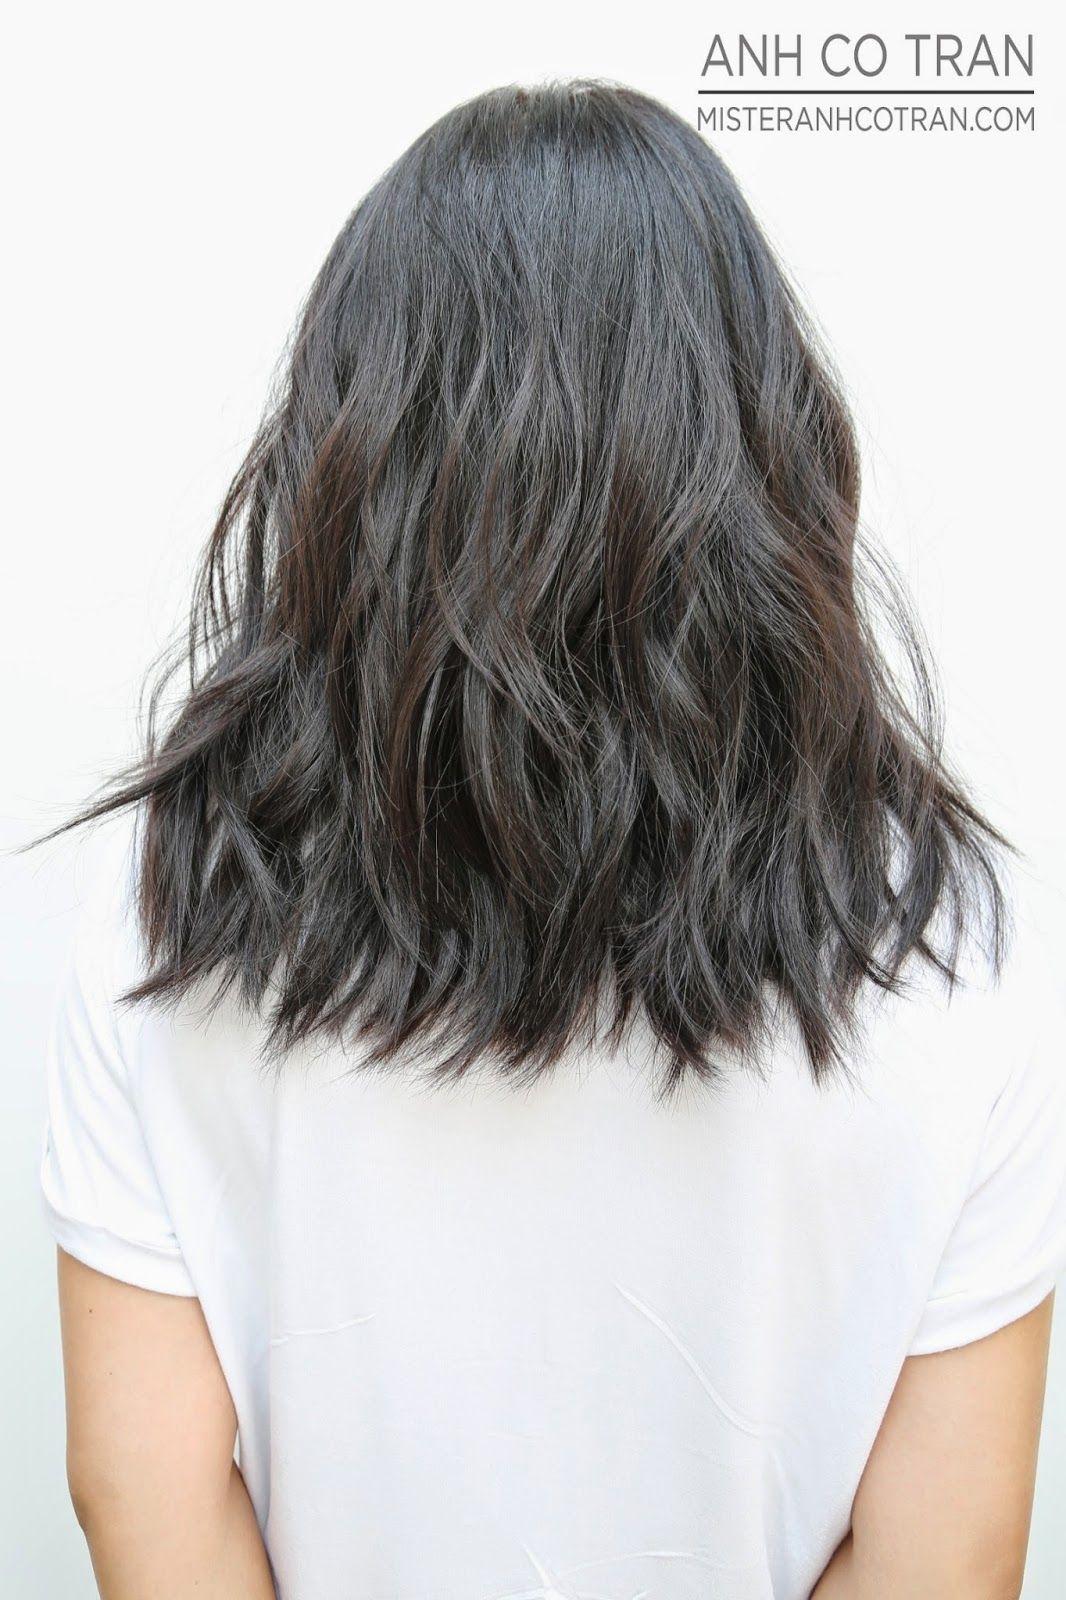 Weave Hair Salons Long Beach Ca